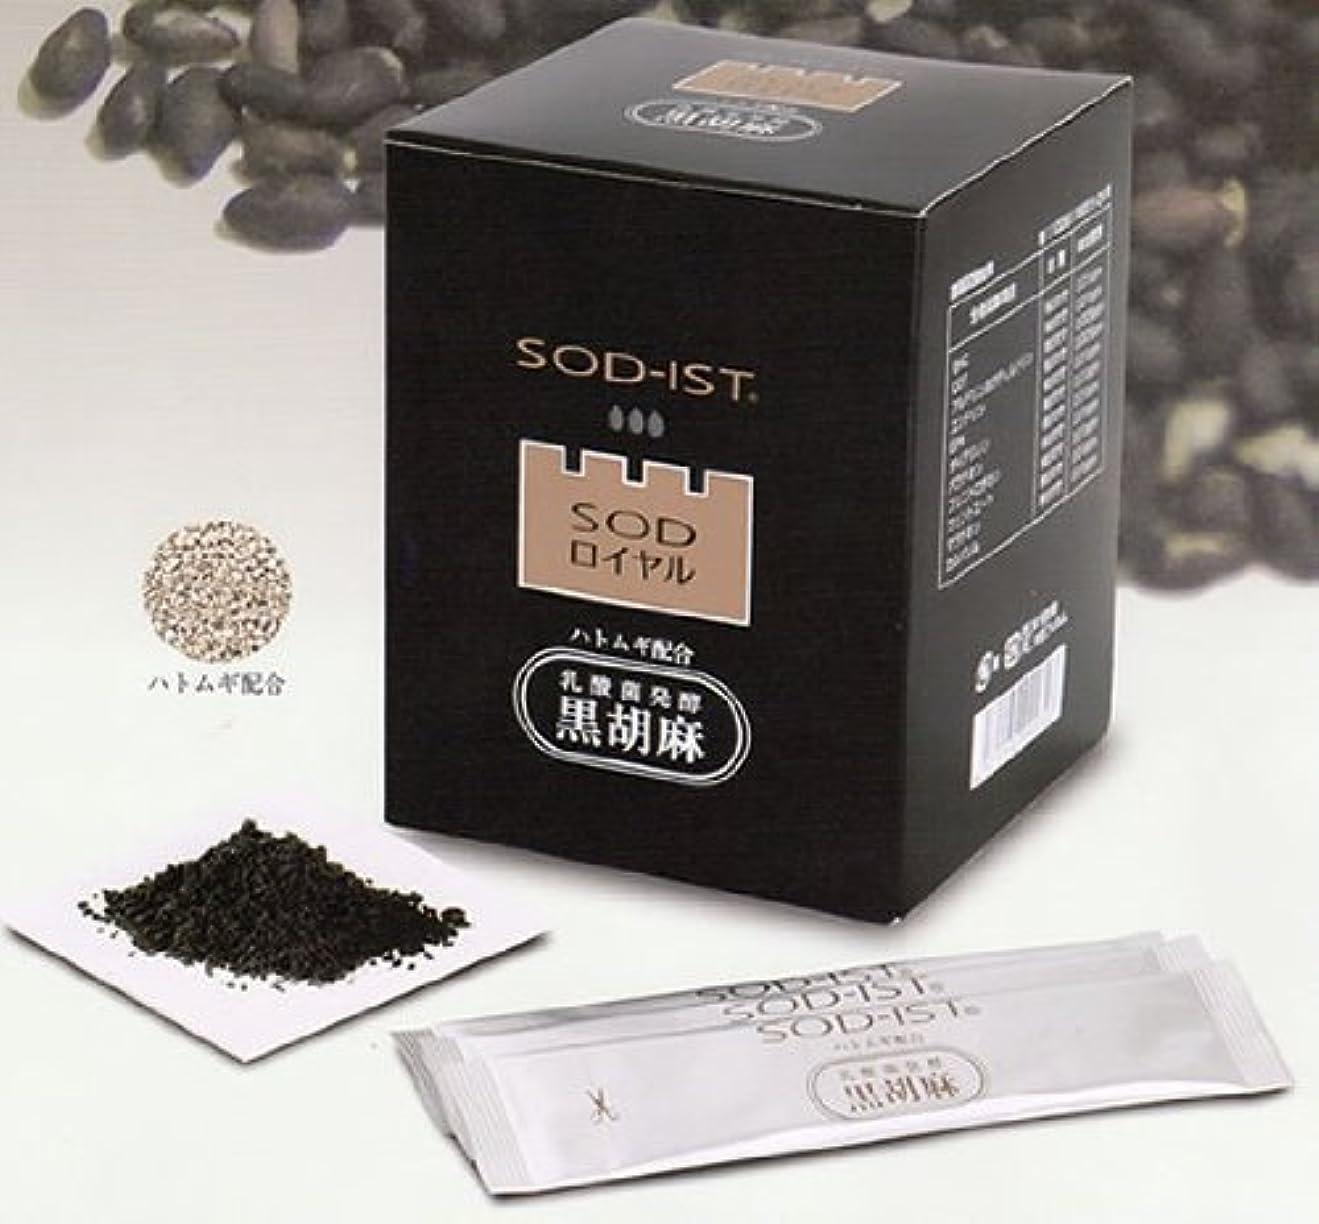 カナダ説教契約するSODロイヤル ハトムギ配合 乳酸菌発酵 黒胡麻 (3箱セット)